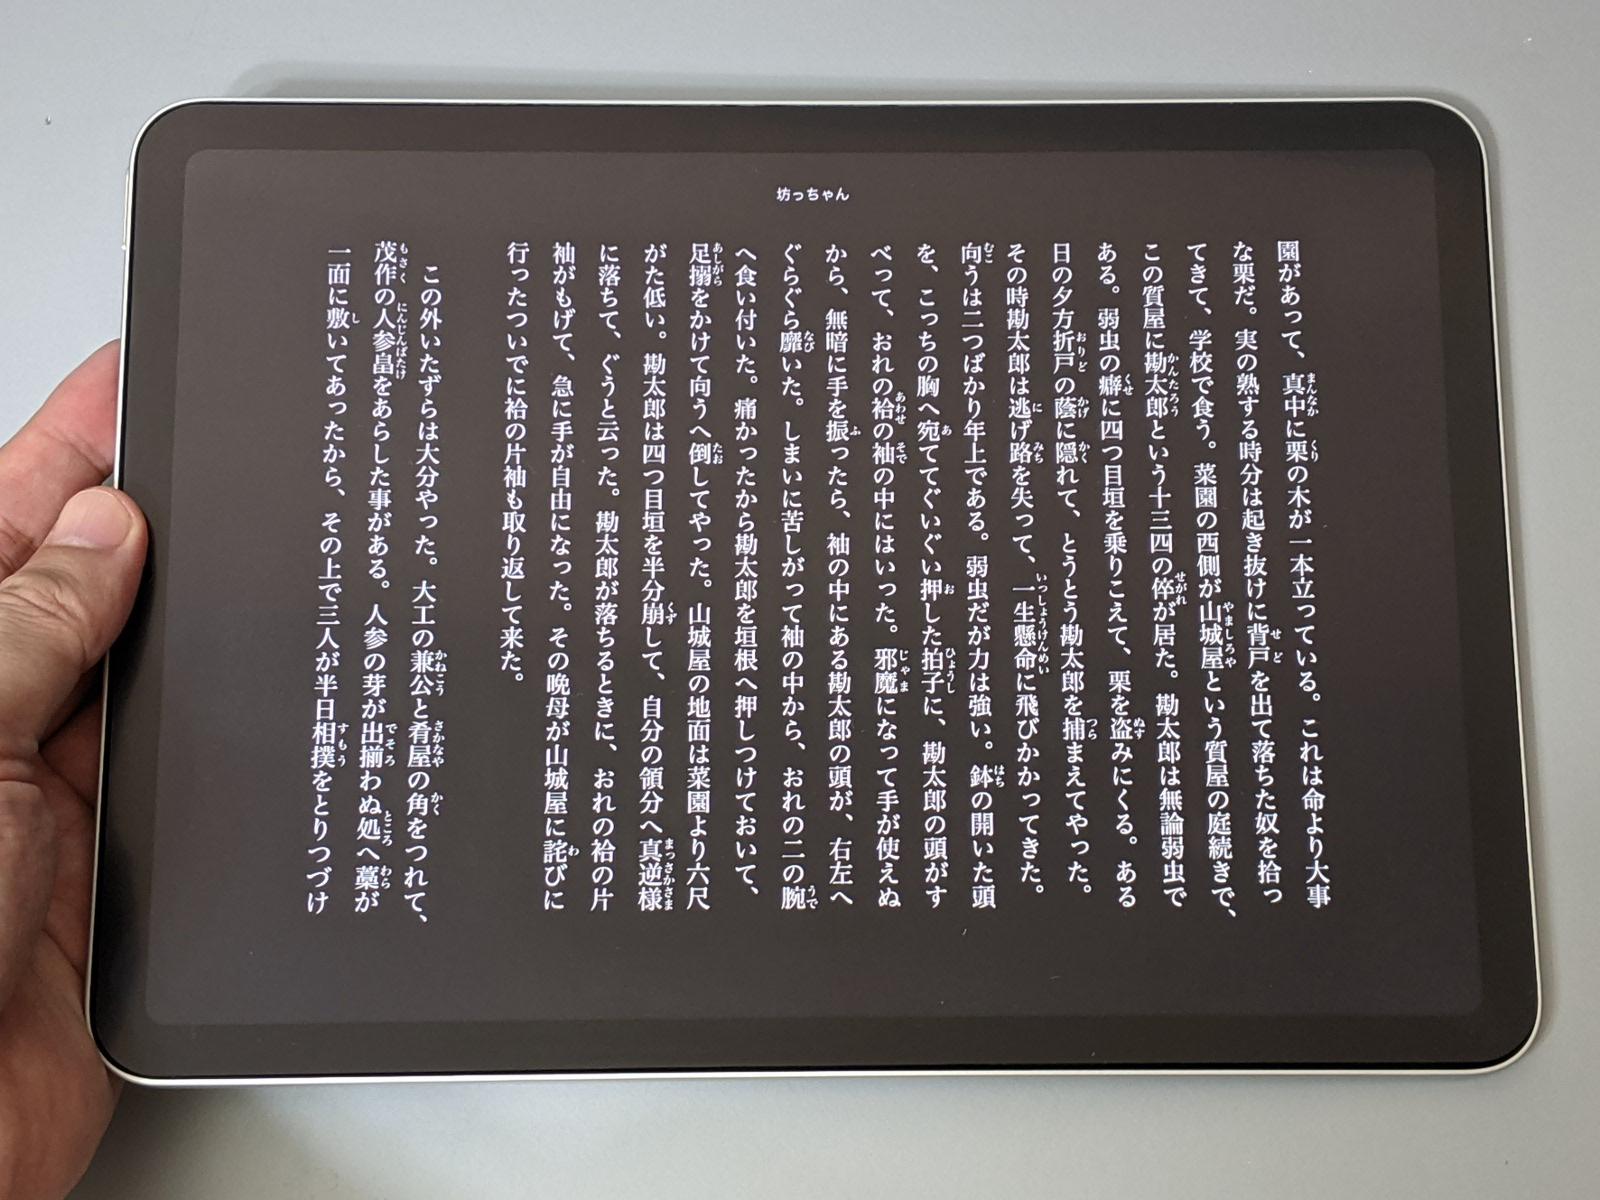 iPad AirのKindleアプリで、ページの色を黒に指定した状態。このほかセピア調などへの切り替えも可能。多くの電子書籍アプリでは、こうした背景色の切り替えに対応している